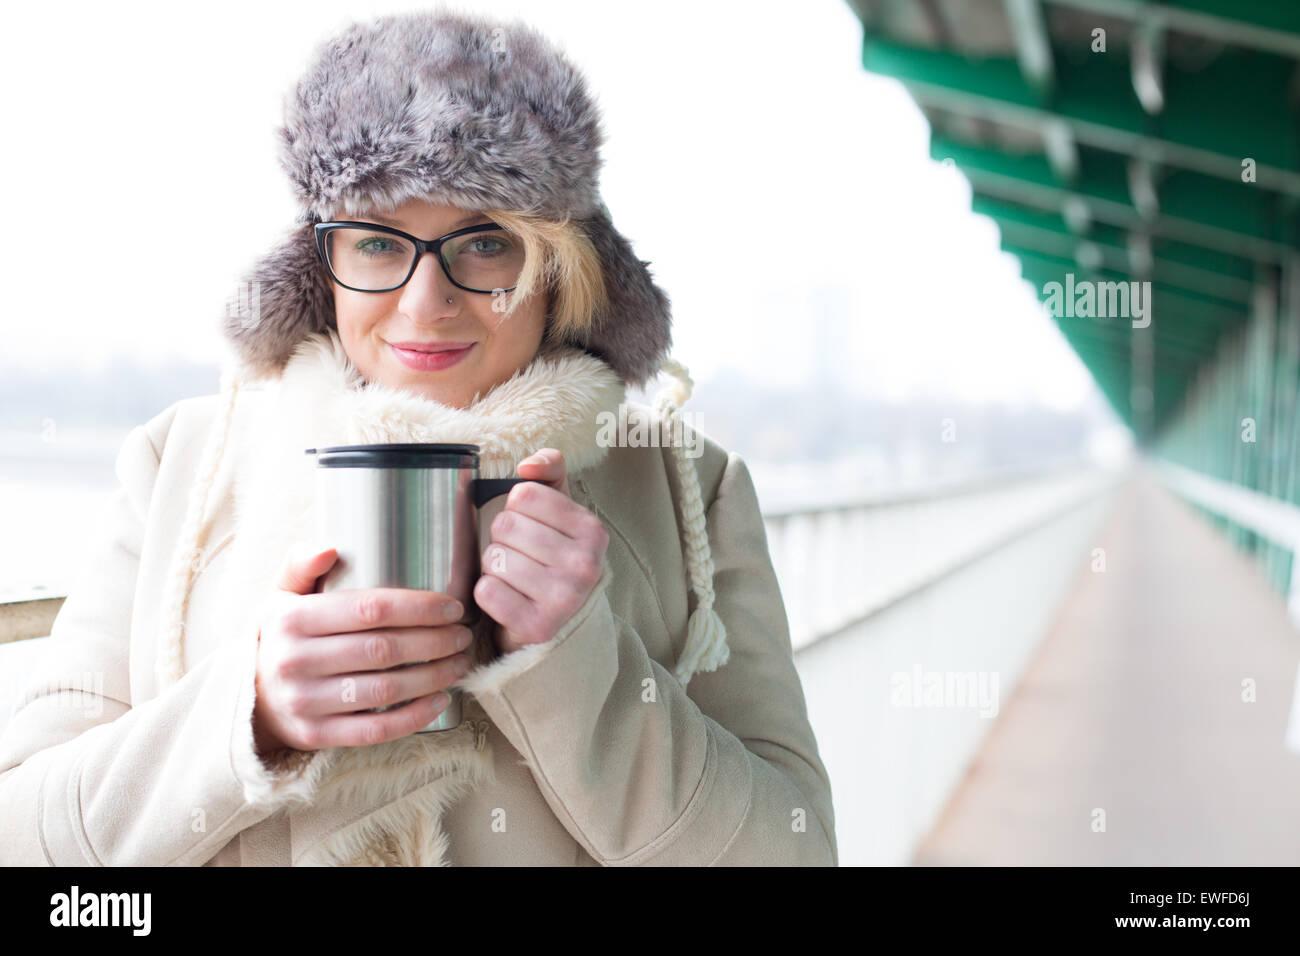 Portrait of smiling woman in vêtements chauds holding de boisson fraîche isolé Banque D'Images